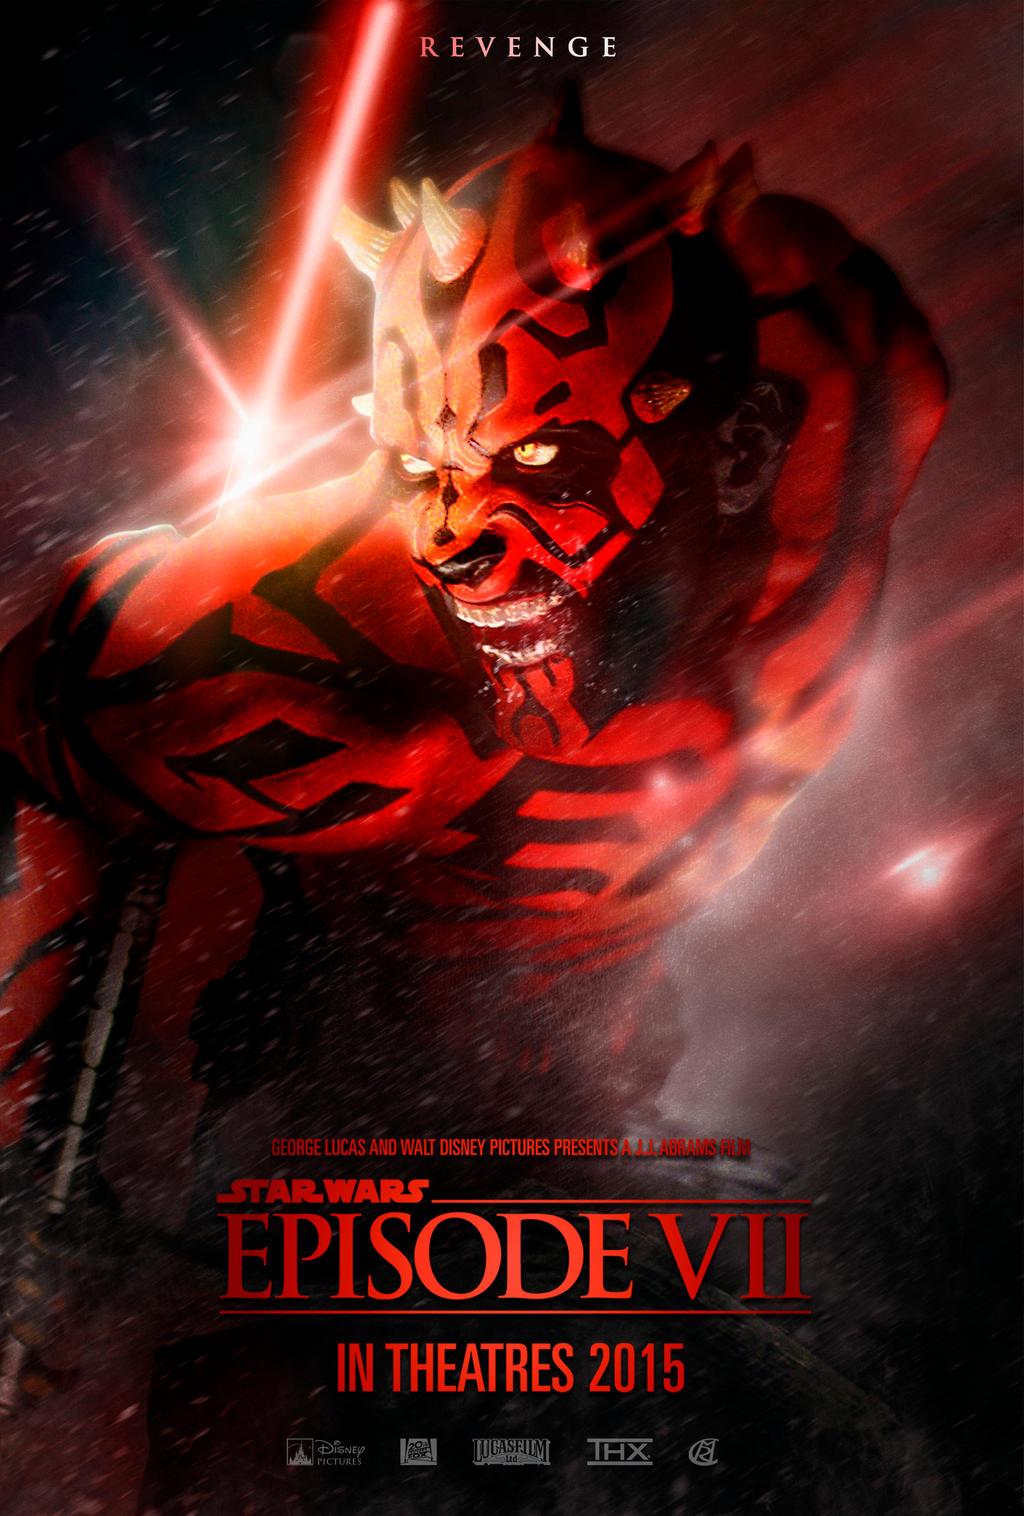 Star Wars EPISODE VII - Villain Movie Poster by rcrain98 ...